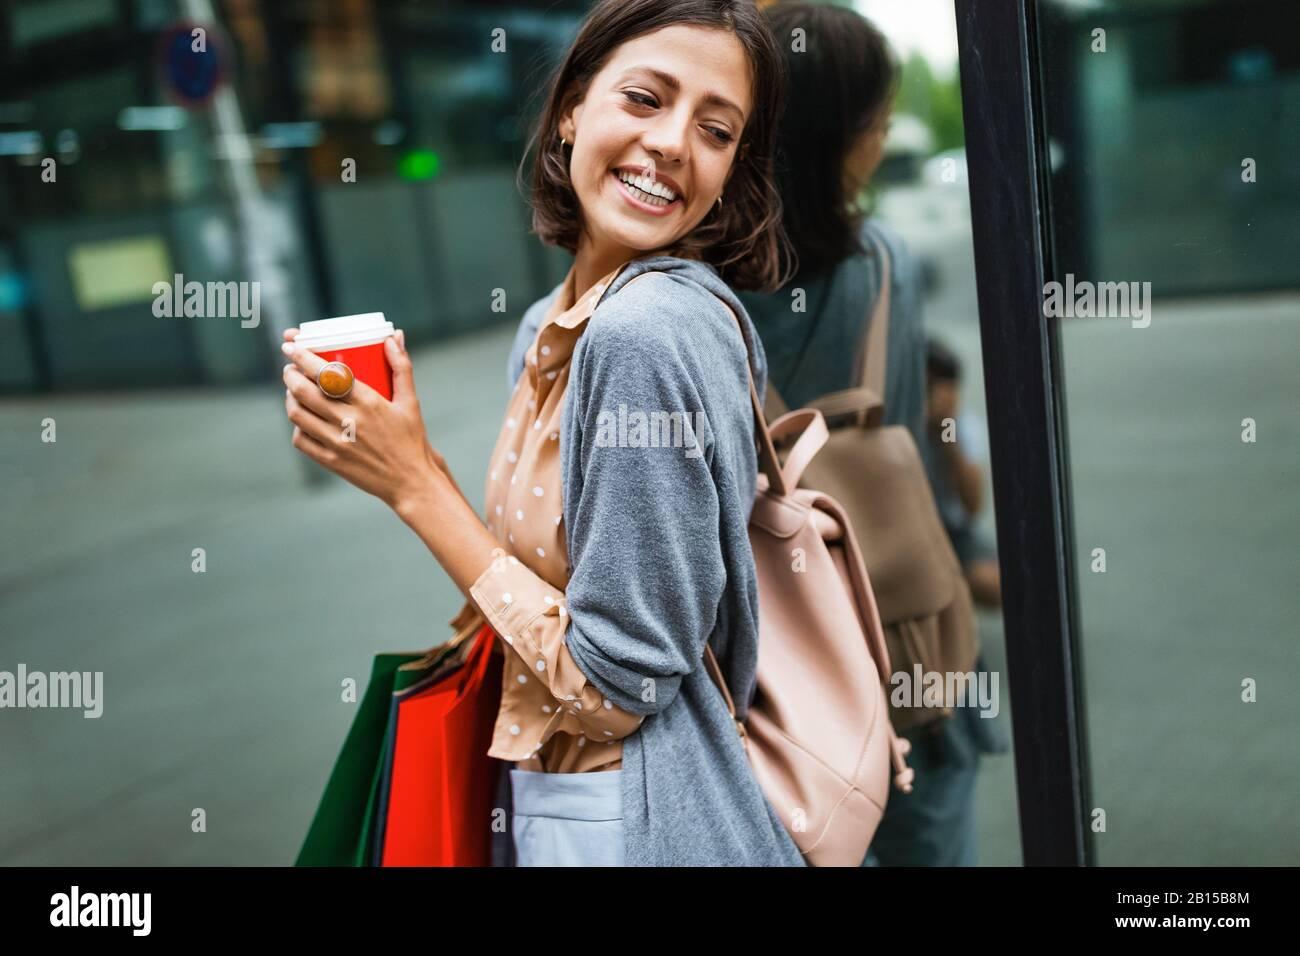 Une jeune femme heureuse à boire du café et à marcher avec des sacs après avoir fait du shopping en ville. Banque D'Images